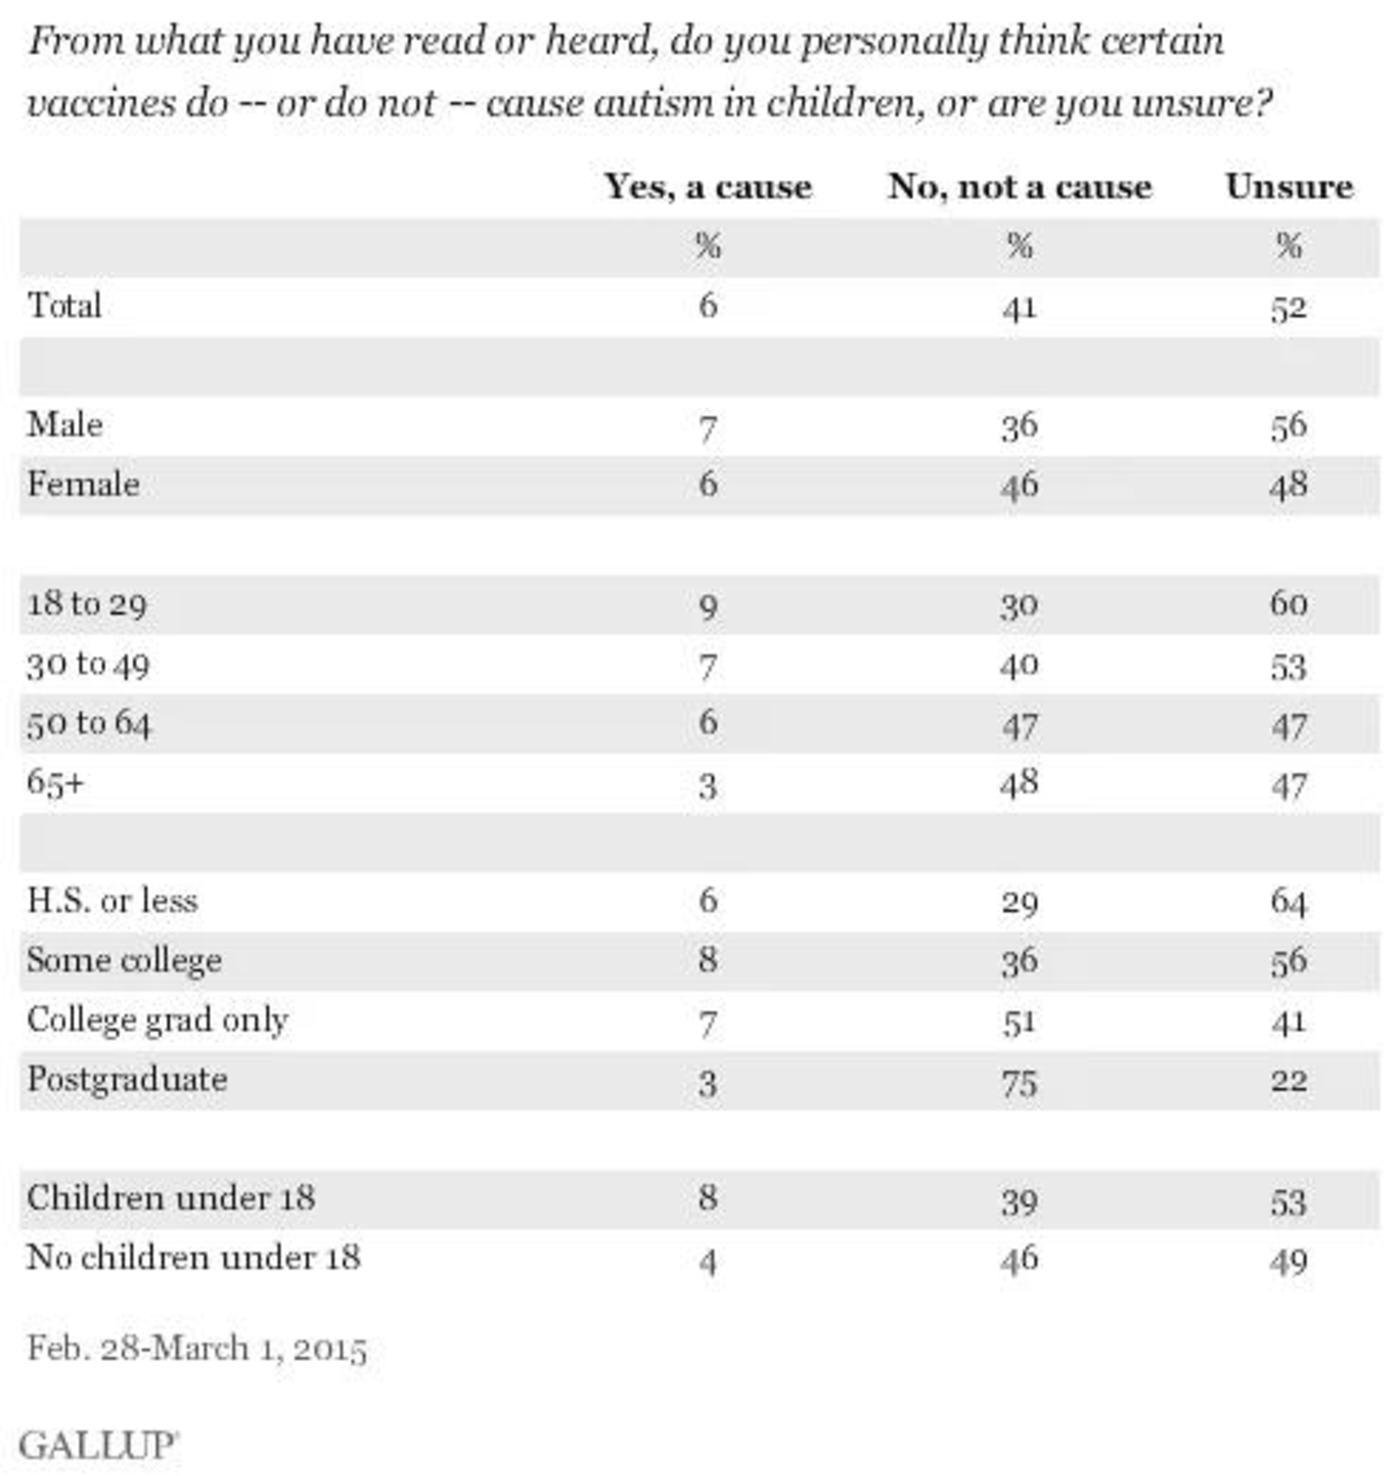 (调查显示,一半人仍然不确定疫苗是否会导致自闭症)